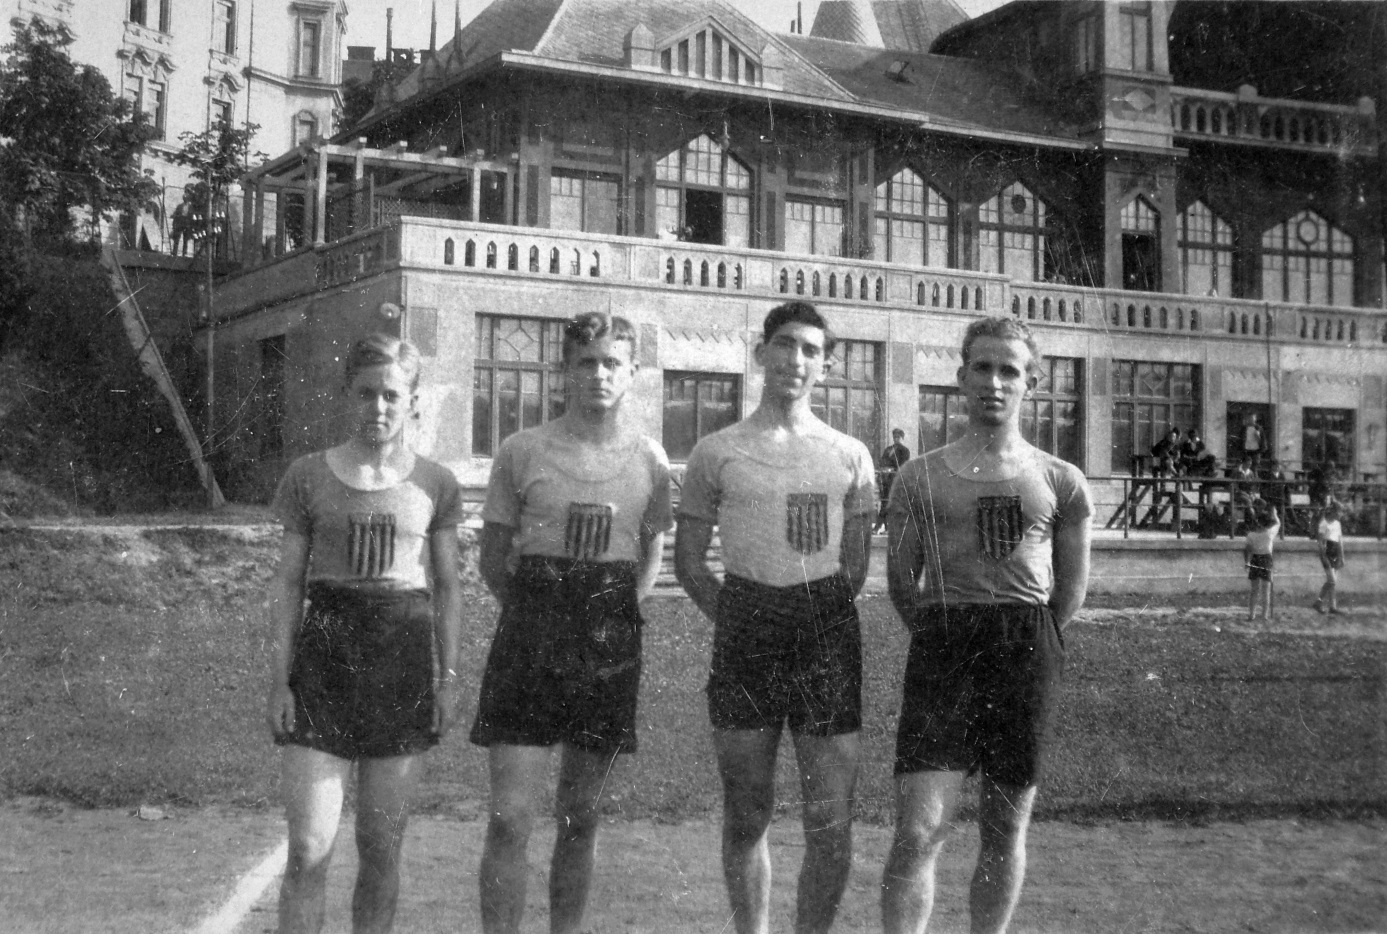 Sportolók a BBTE-nek otthont adó épület előtt<br /><br />(forrás: http://www.fortepan.hu/)